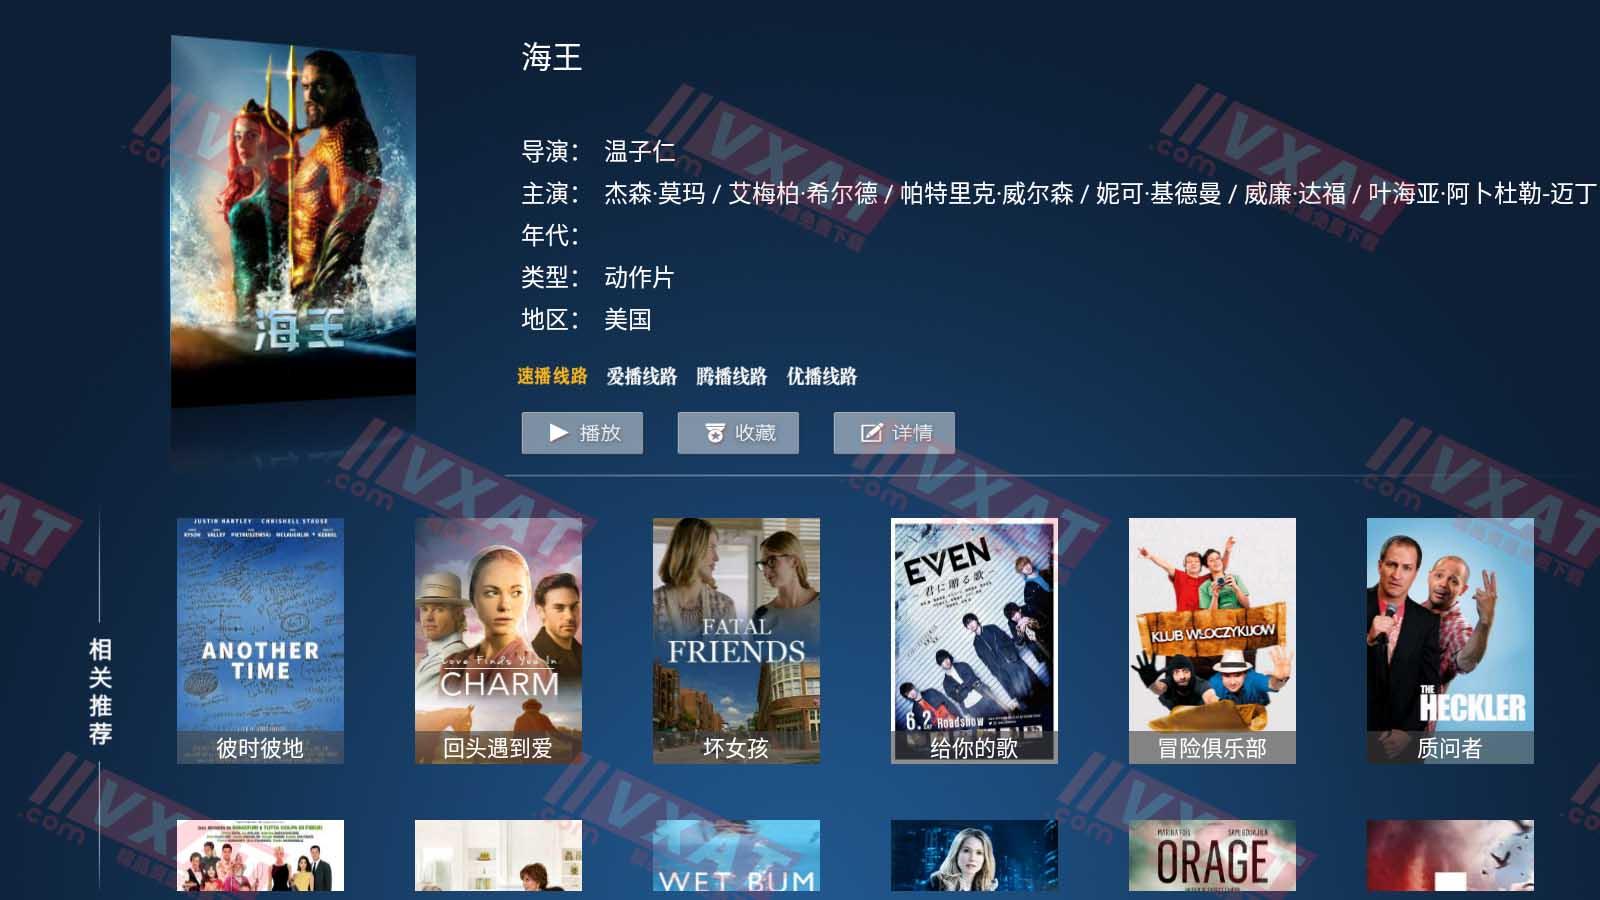 乐酷TV_v1.3 电视版 第2张